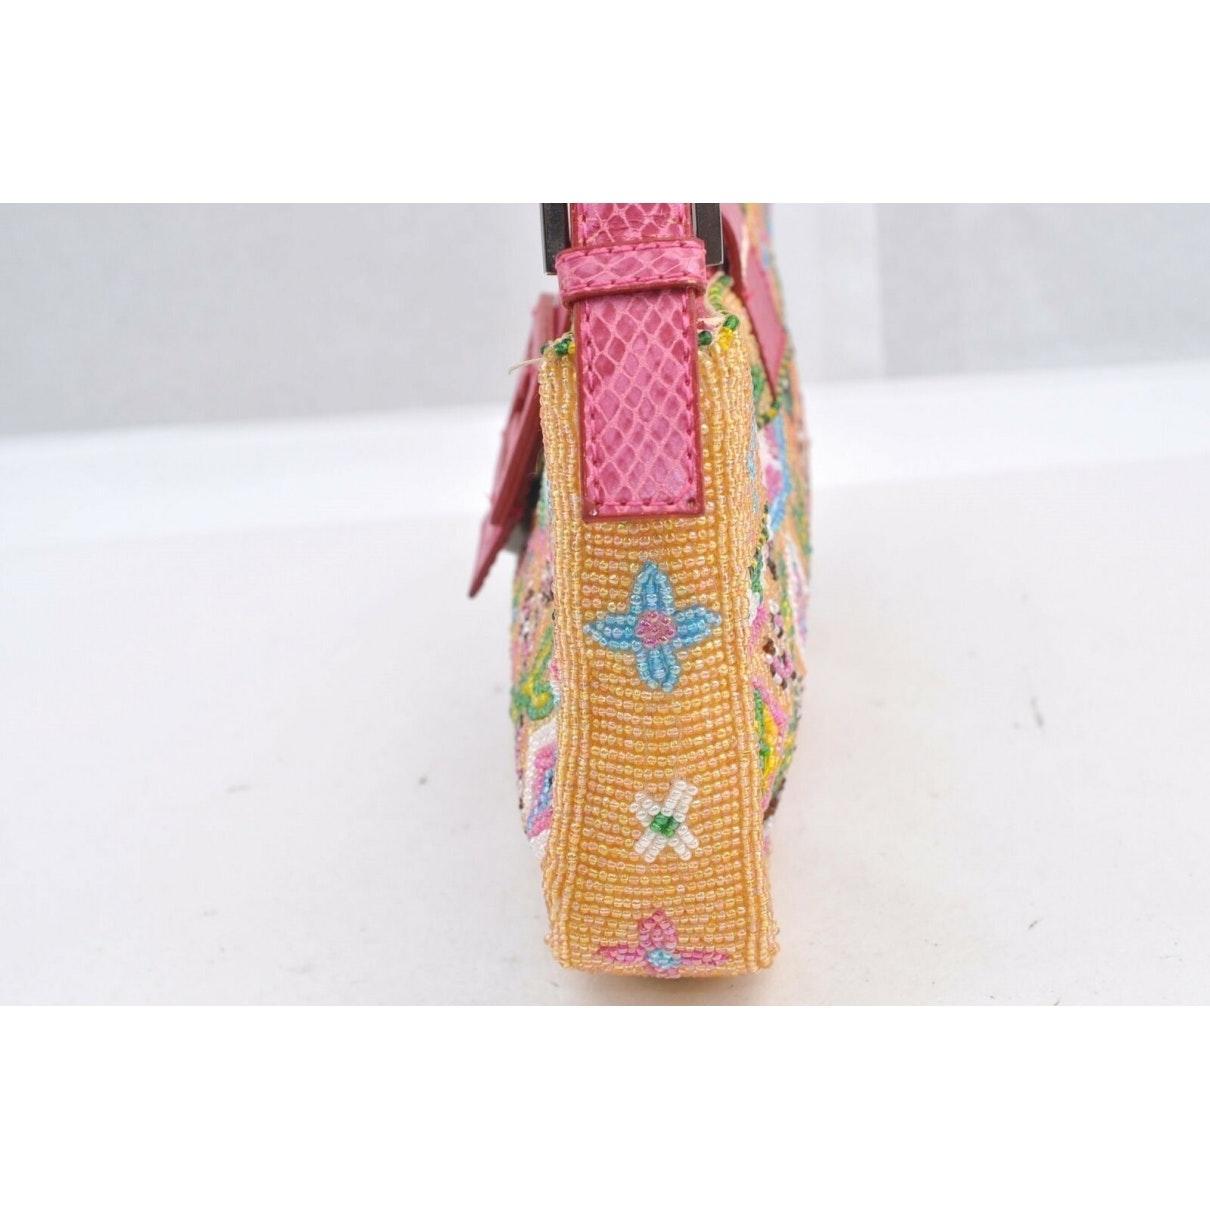 Sac à main en Plastique Jaune Fendi en coloris Rose wh2y